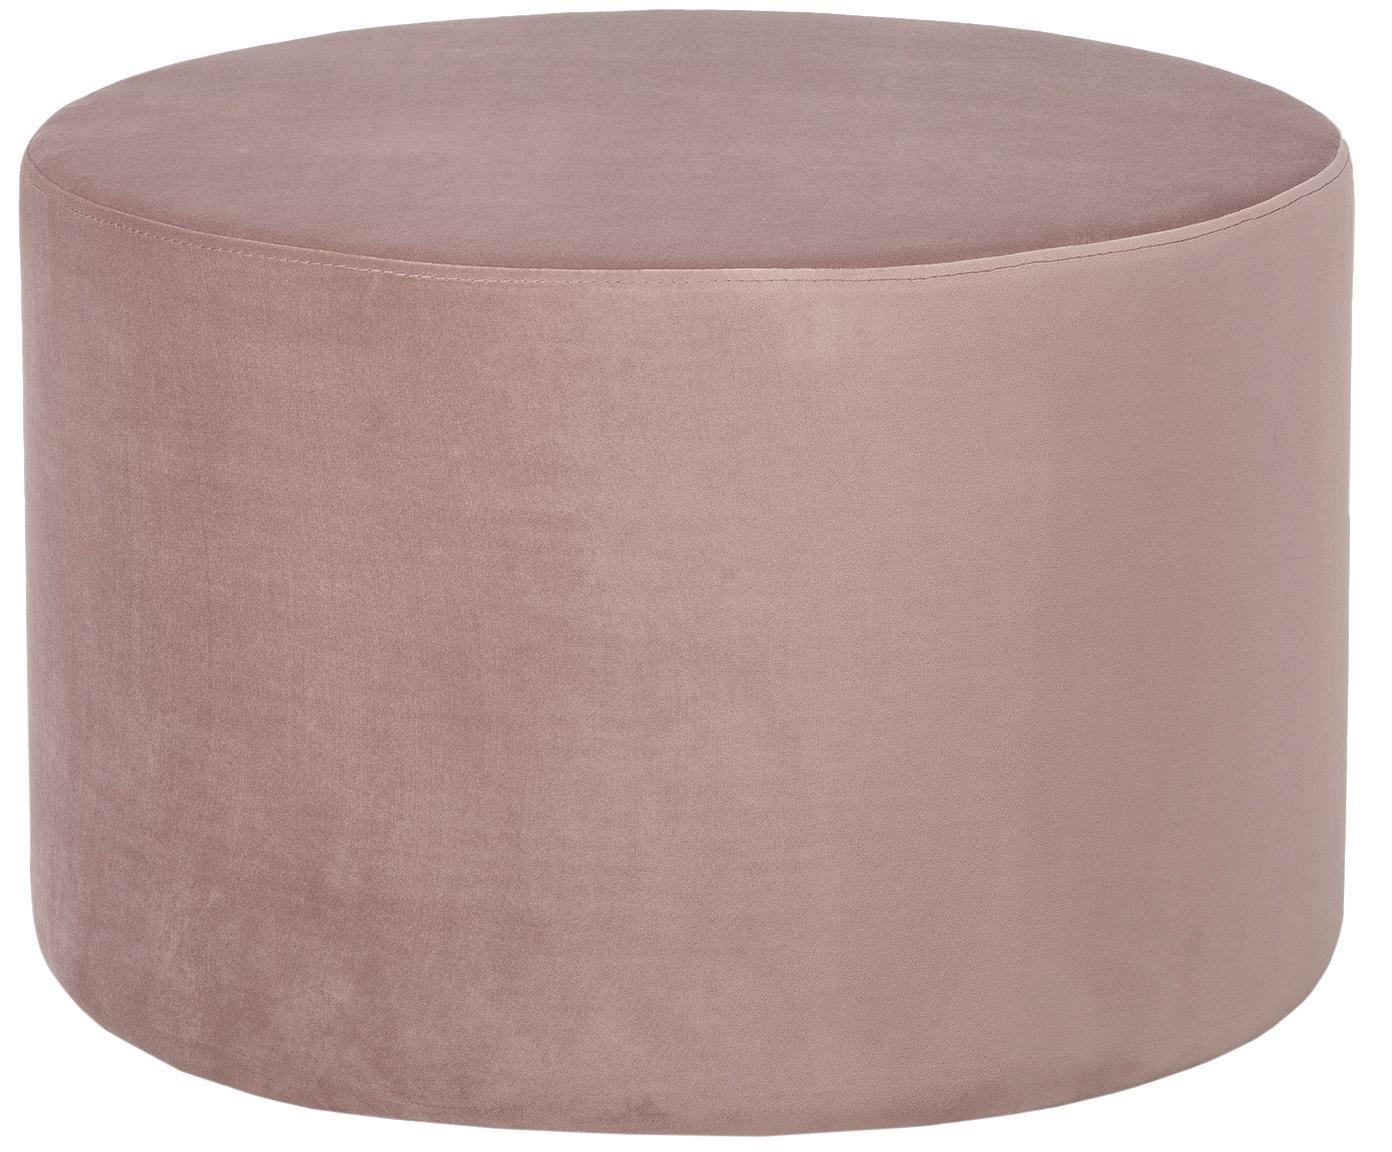 Pouf in velluto Daisy, Rivestimento: velluto (poliestere) 1500, Struttura: fibra a media densità, Rosa, Ø 62 x Alt. 41 cm